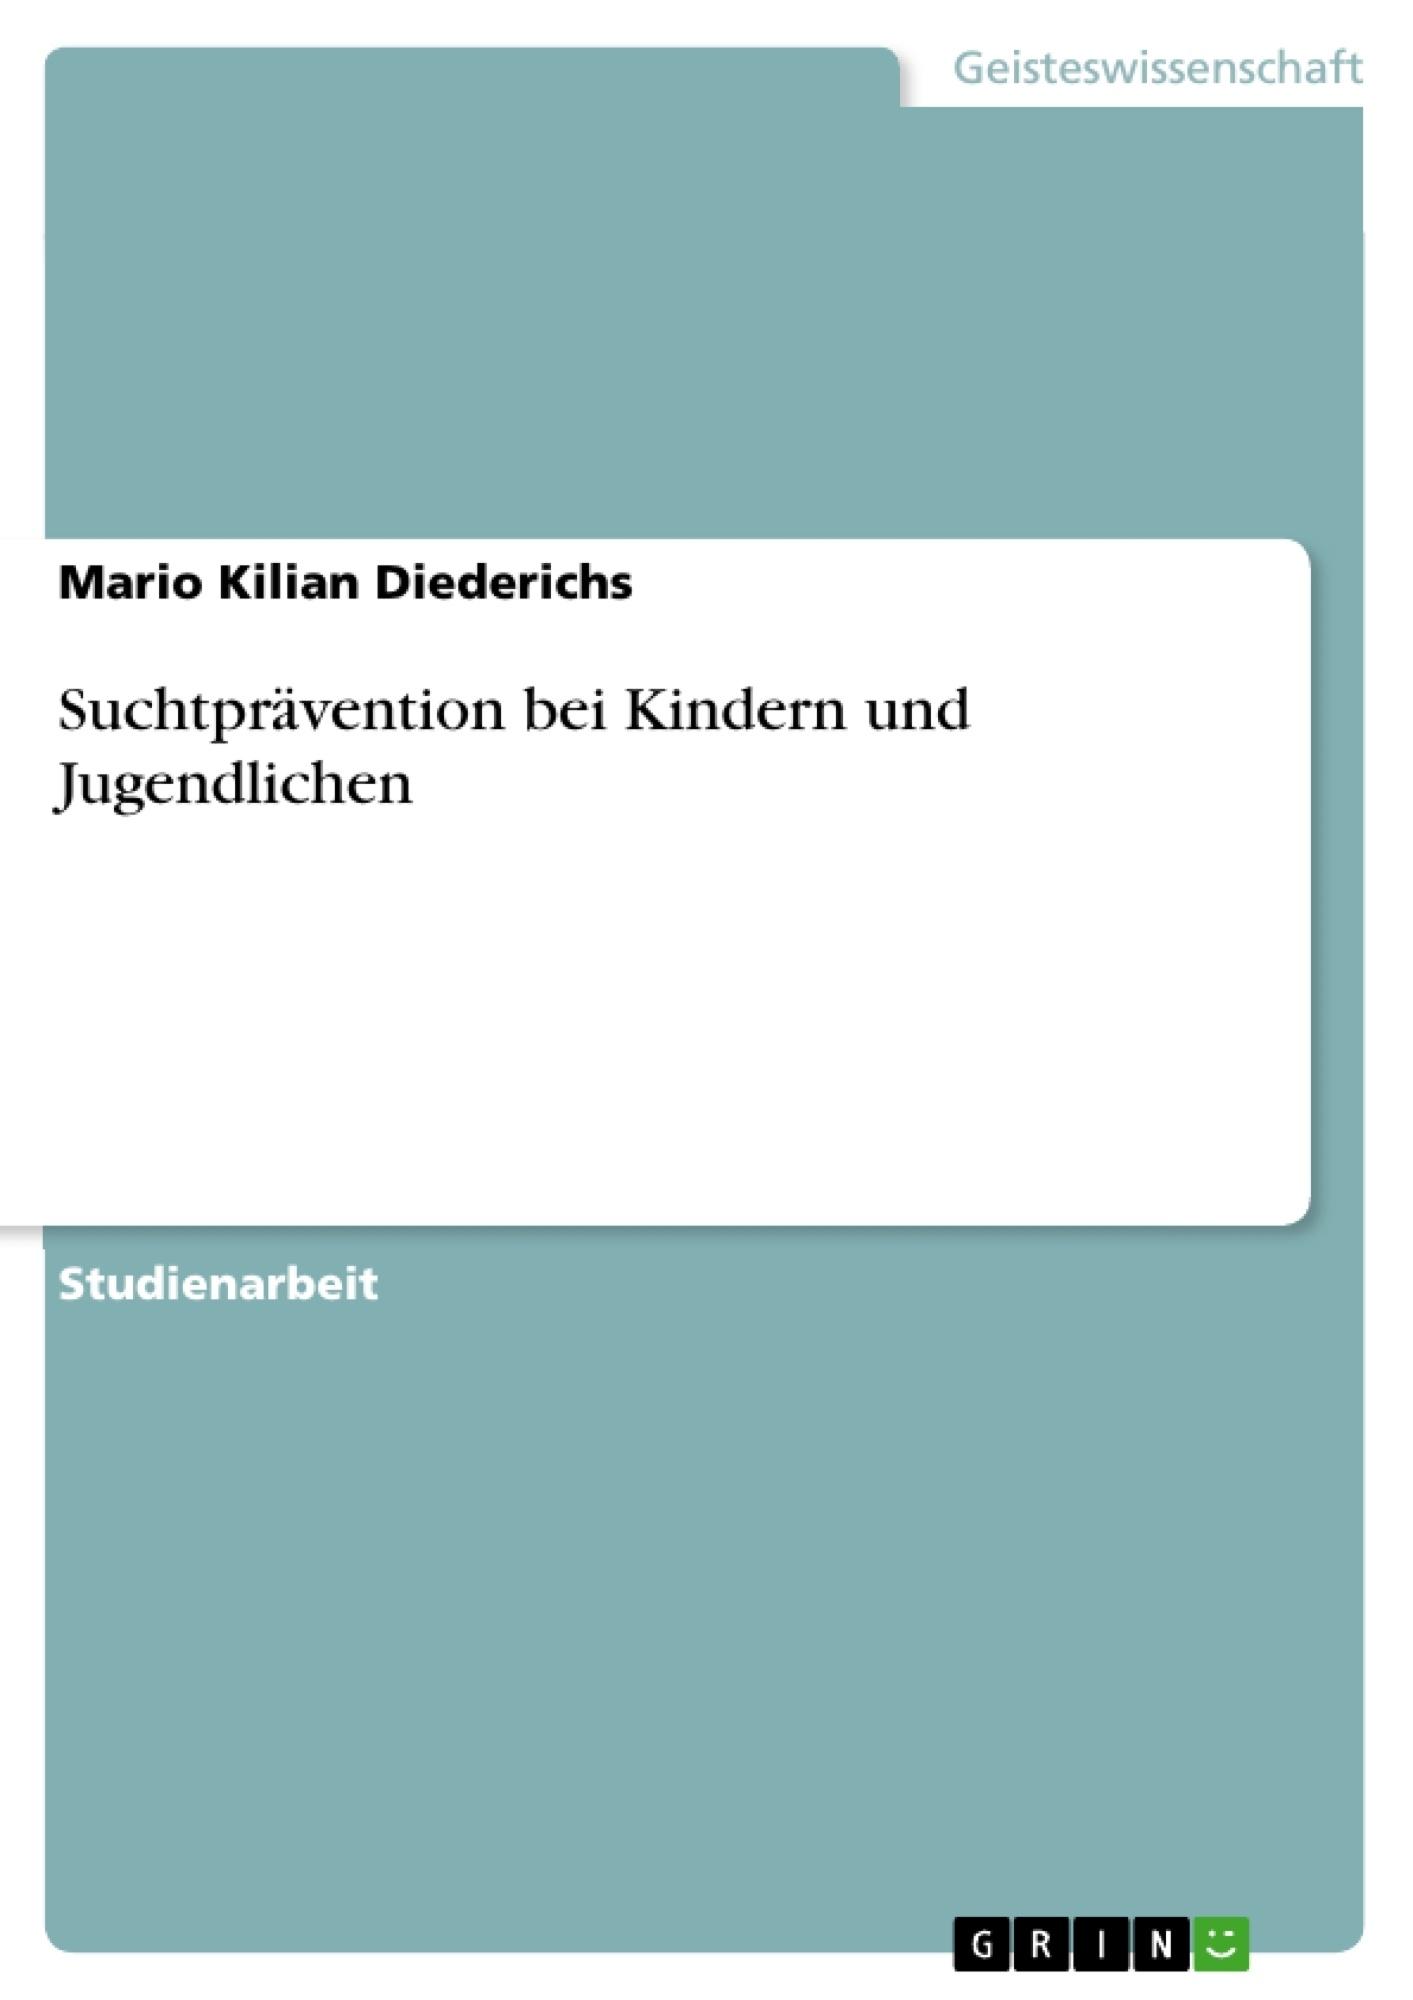 Titel: Suchtprävention bei Kindern und Jugendlichen